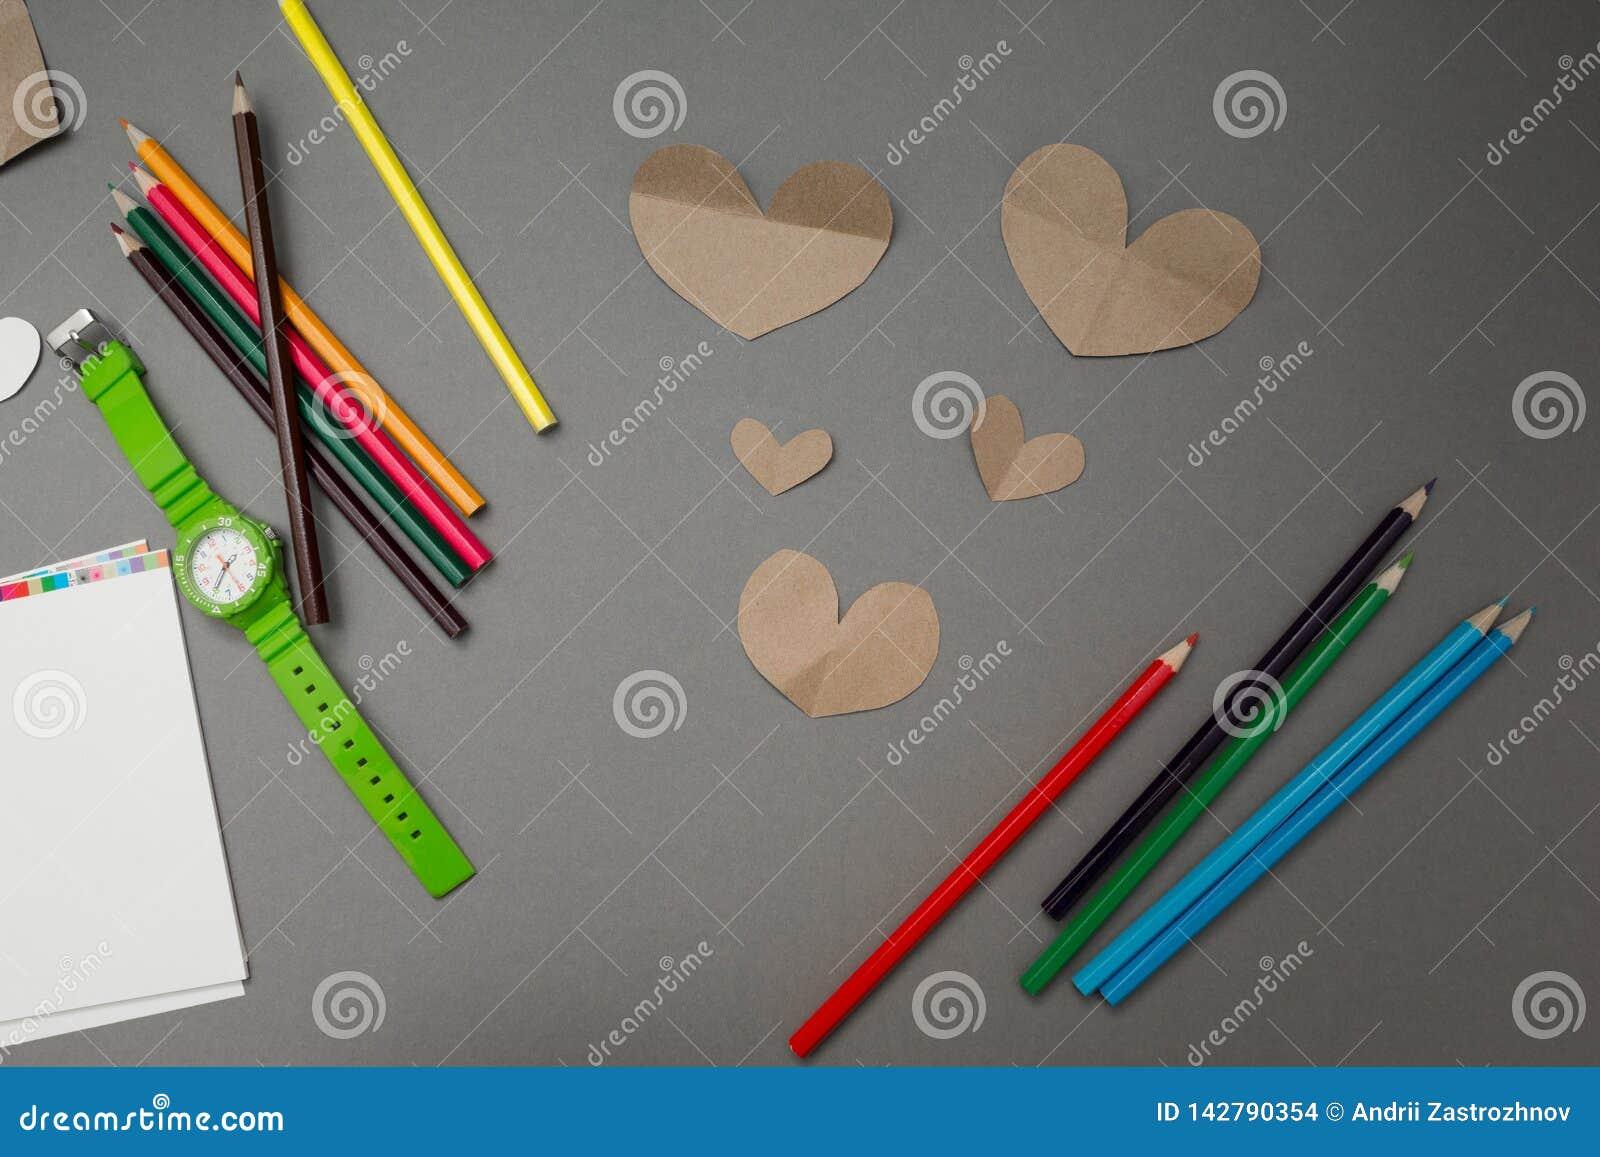 _de papier coeur et colorer crayon sur un gris fond